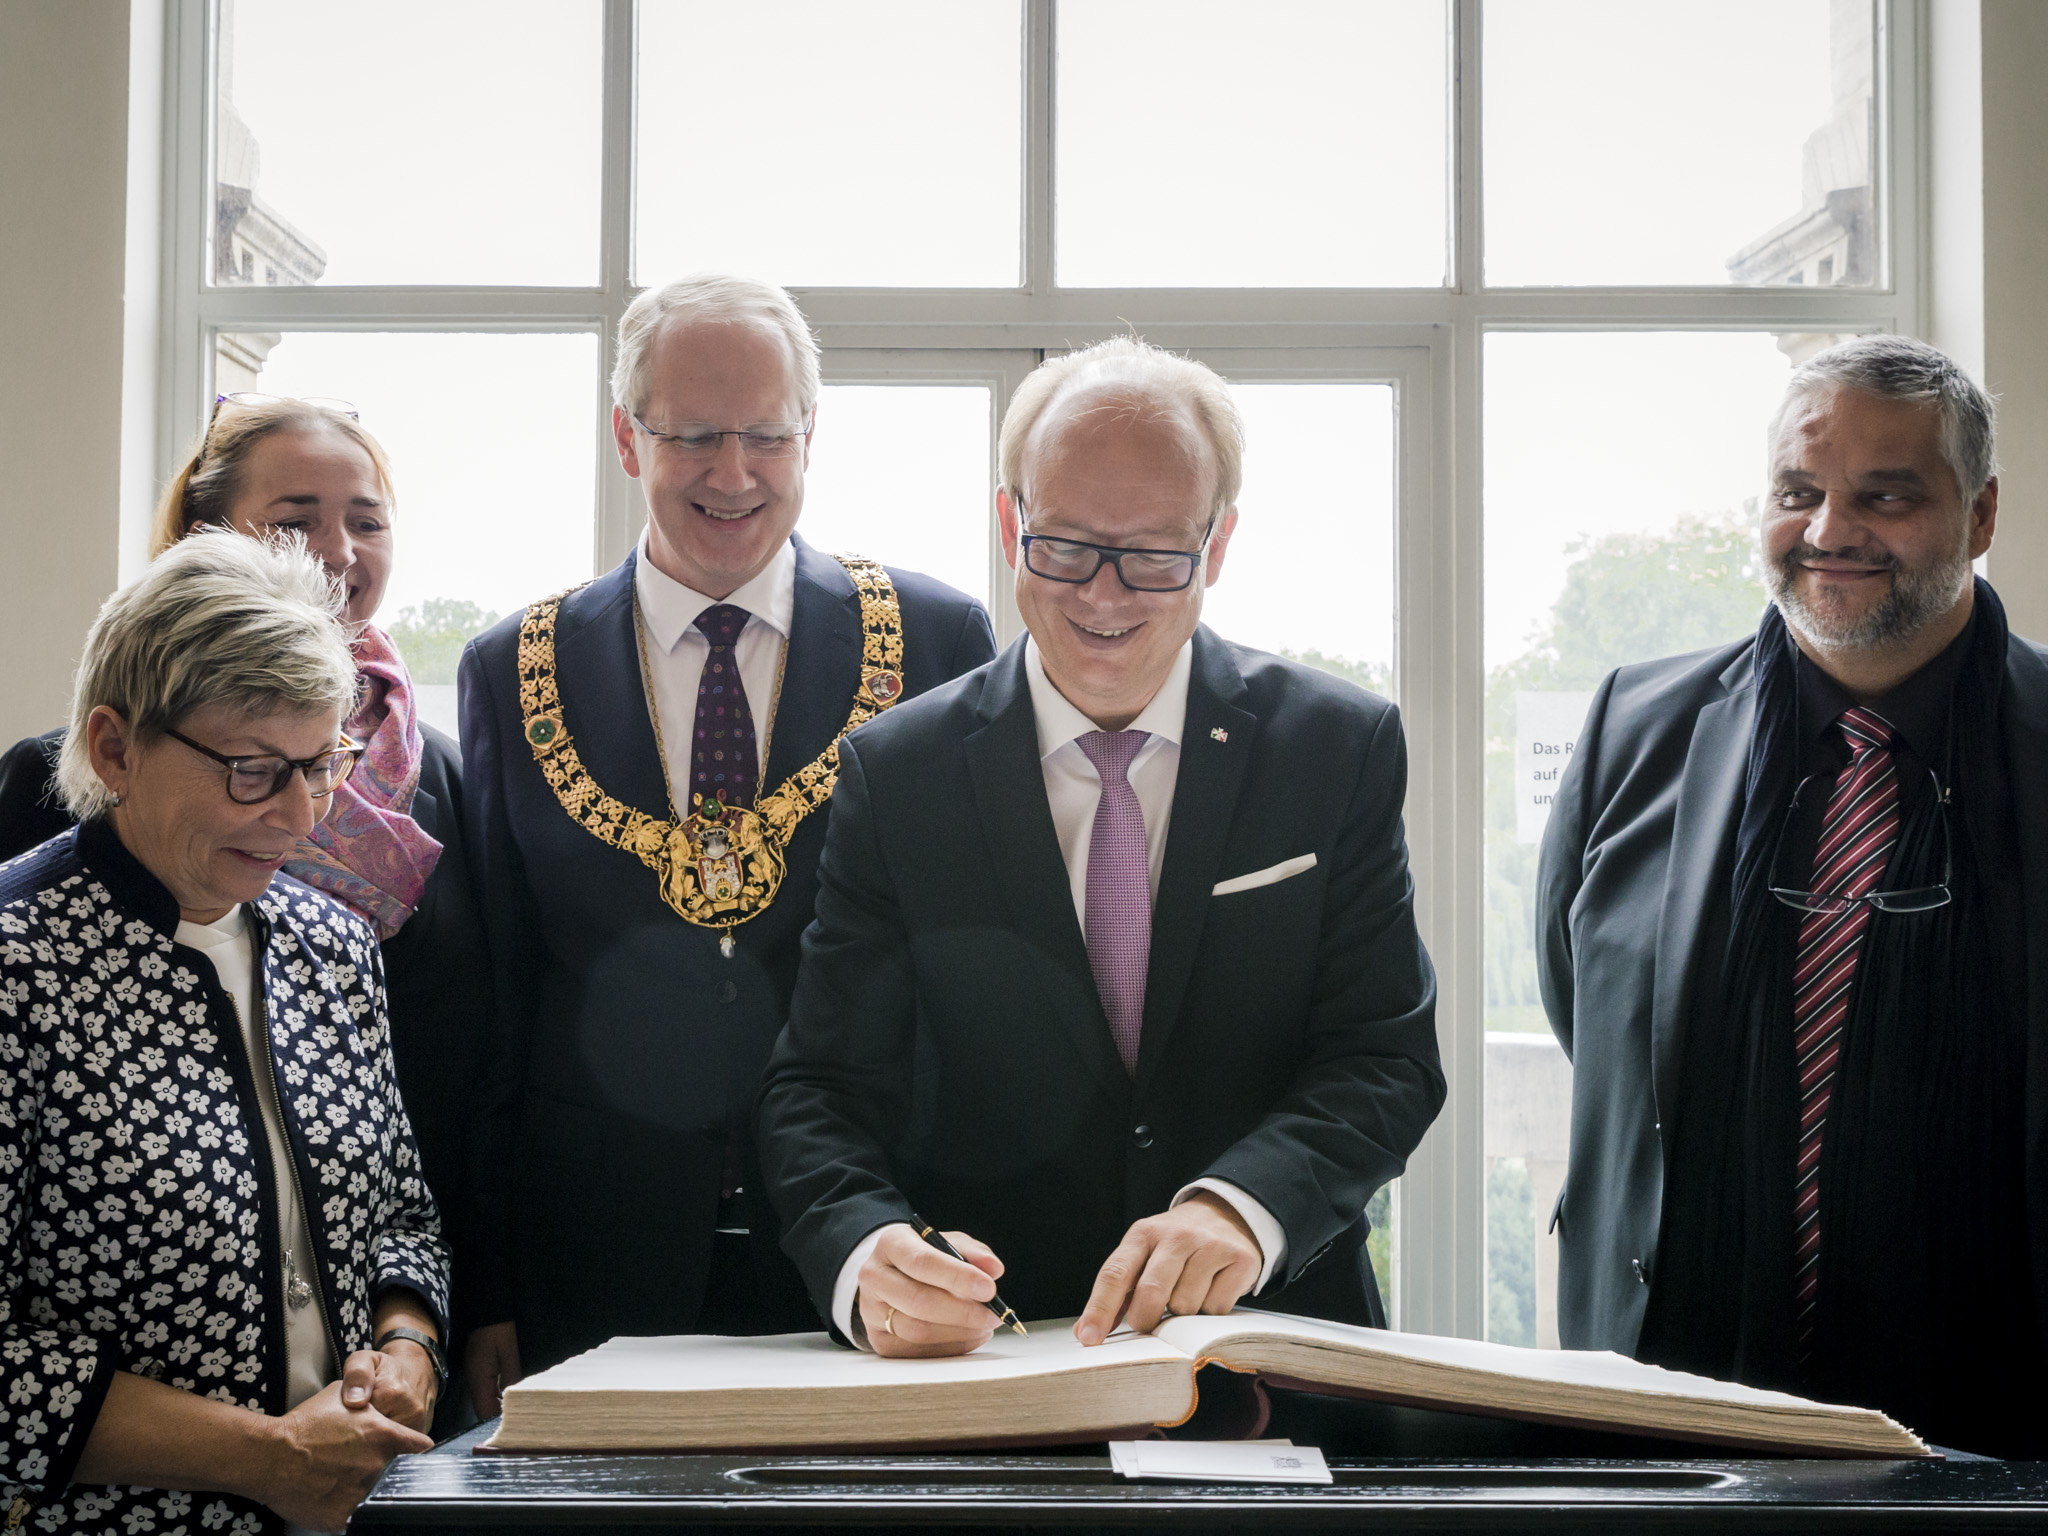 NRW-Landtagspräsident André Kuper bei seinem Eintrag ins Goldene Buch